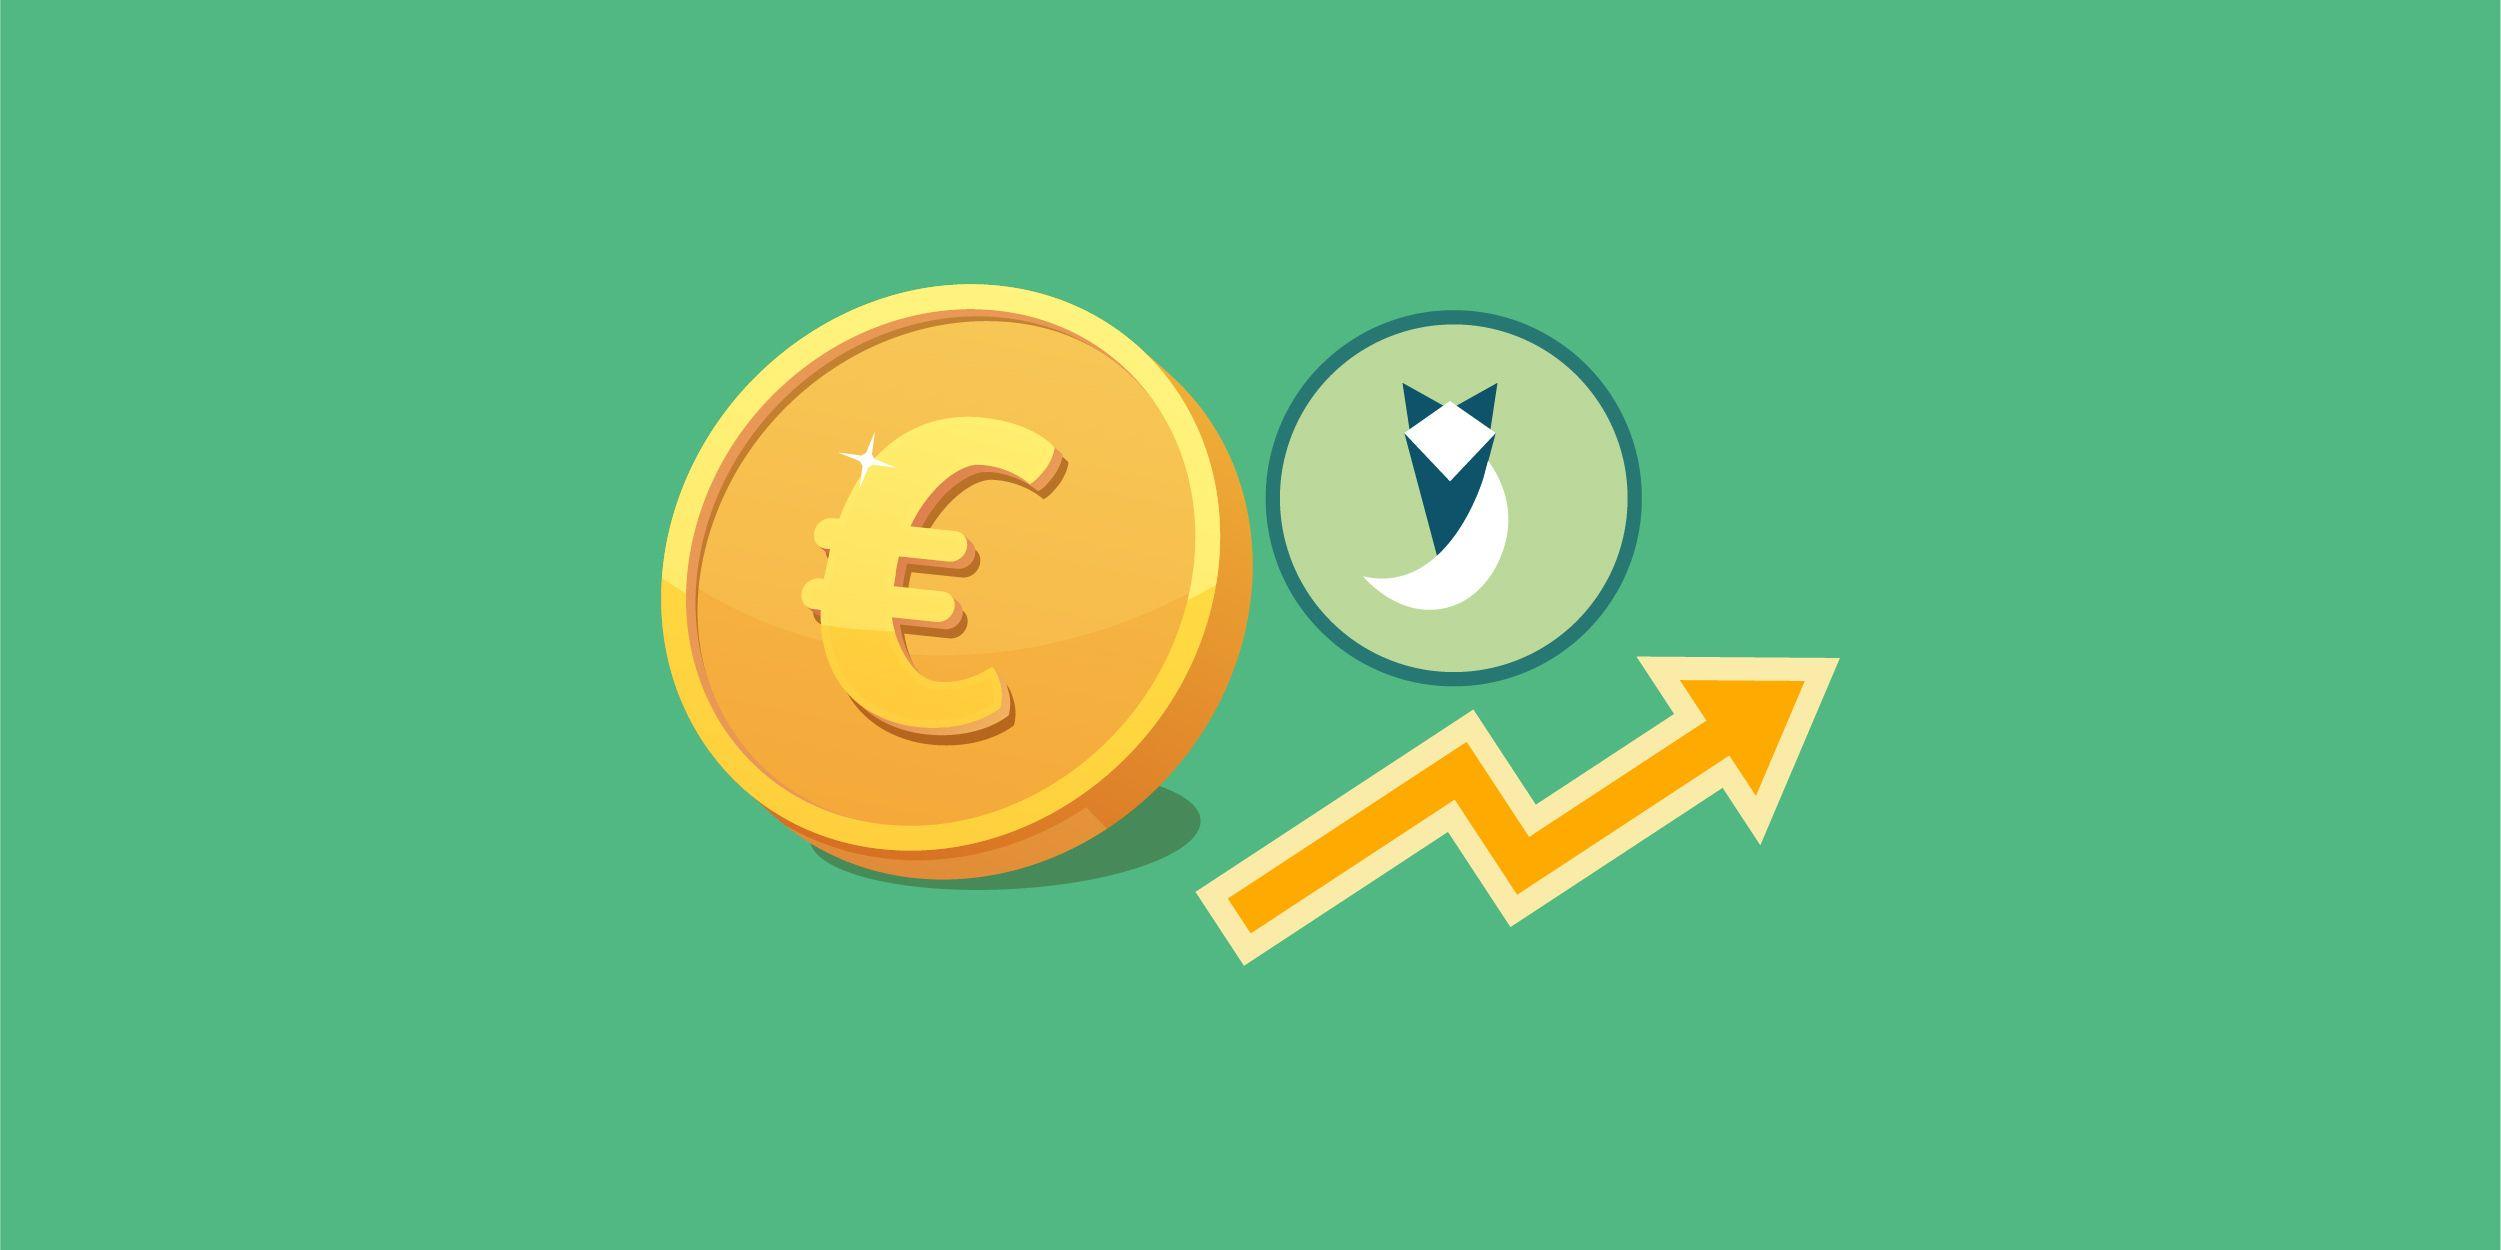 سعر اليورو في البنوك المصرية اليوم:  16 يونيو 2021